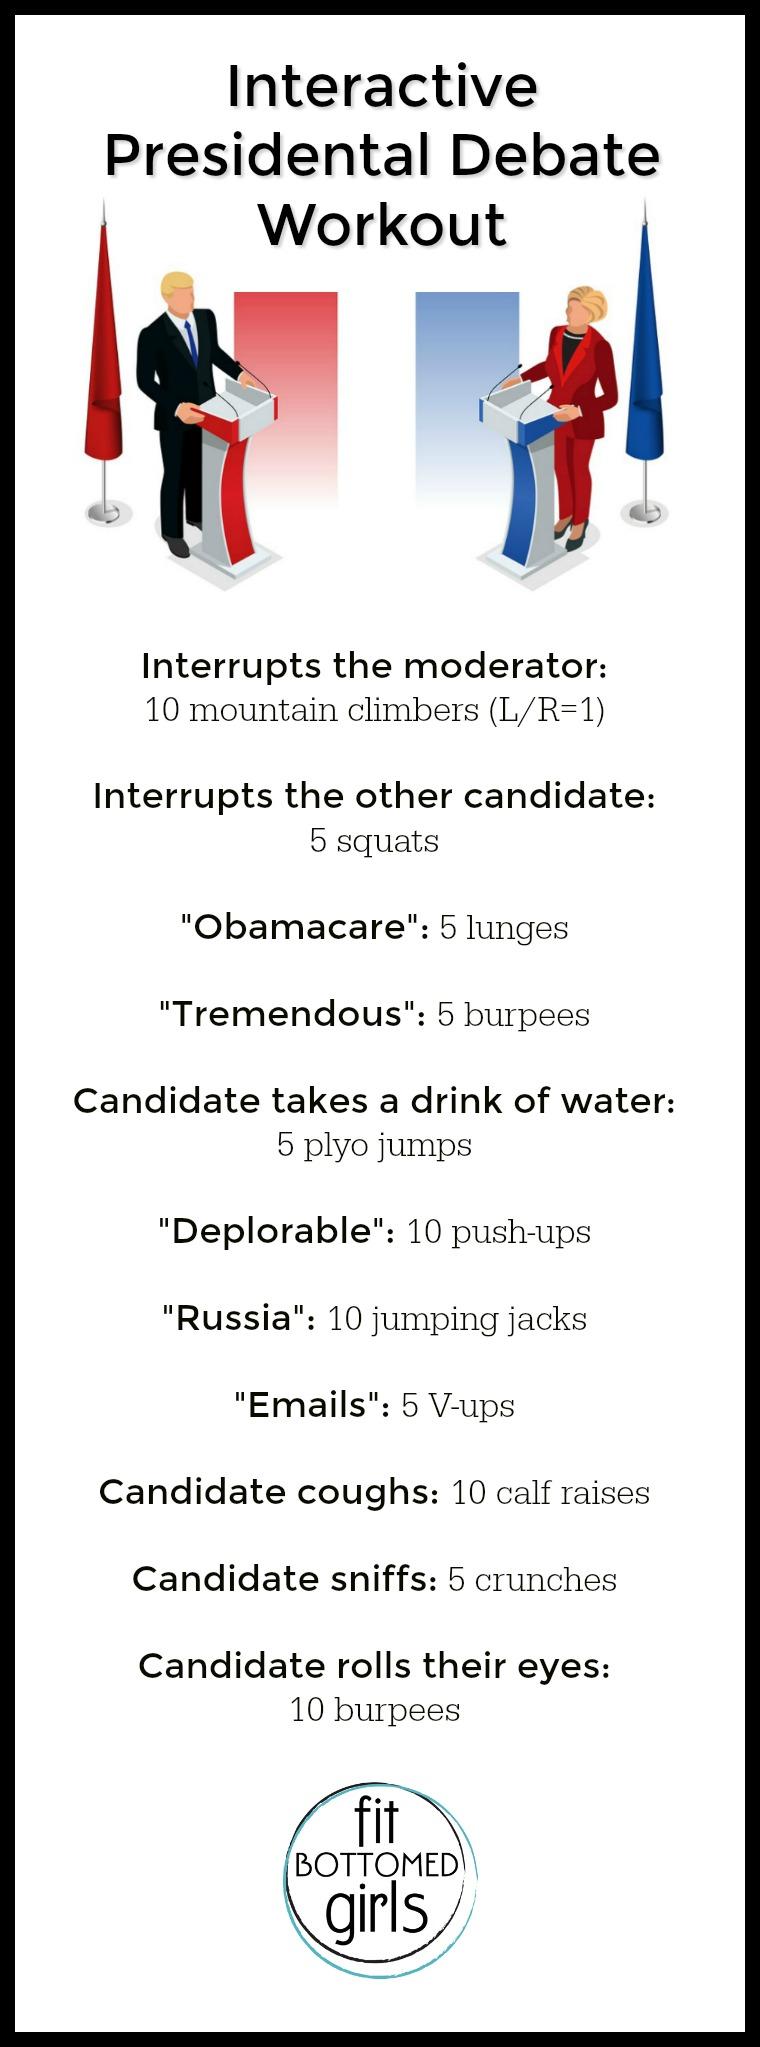 debate workout